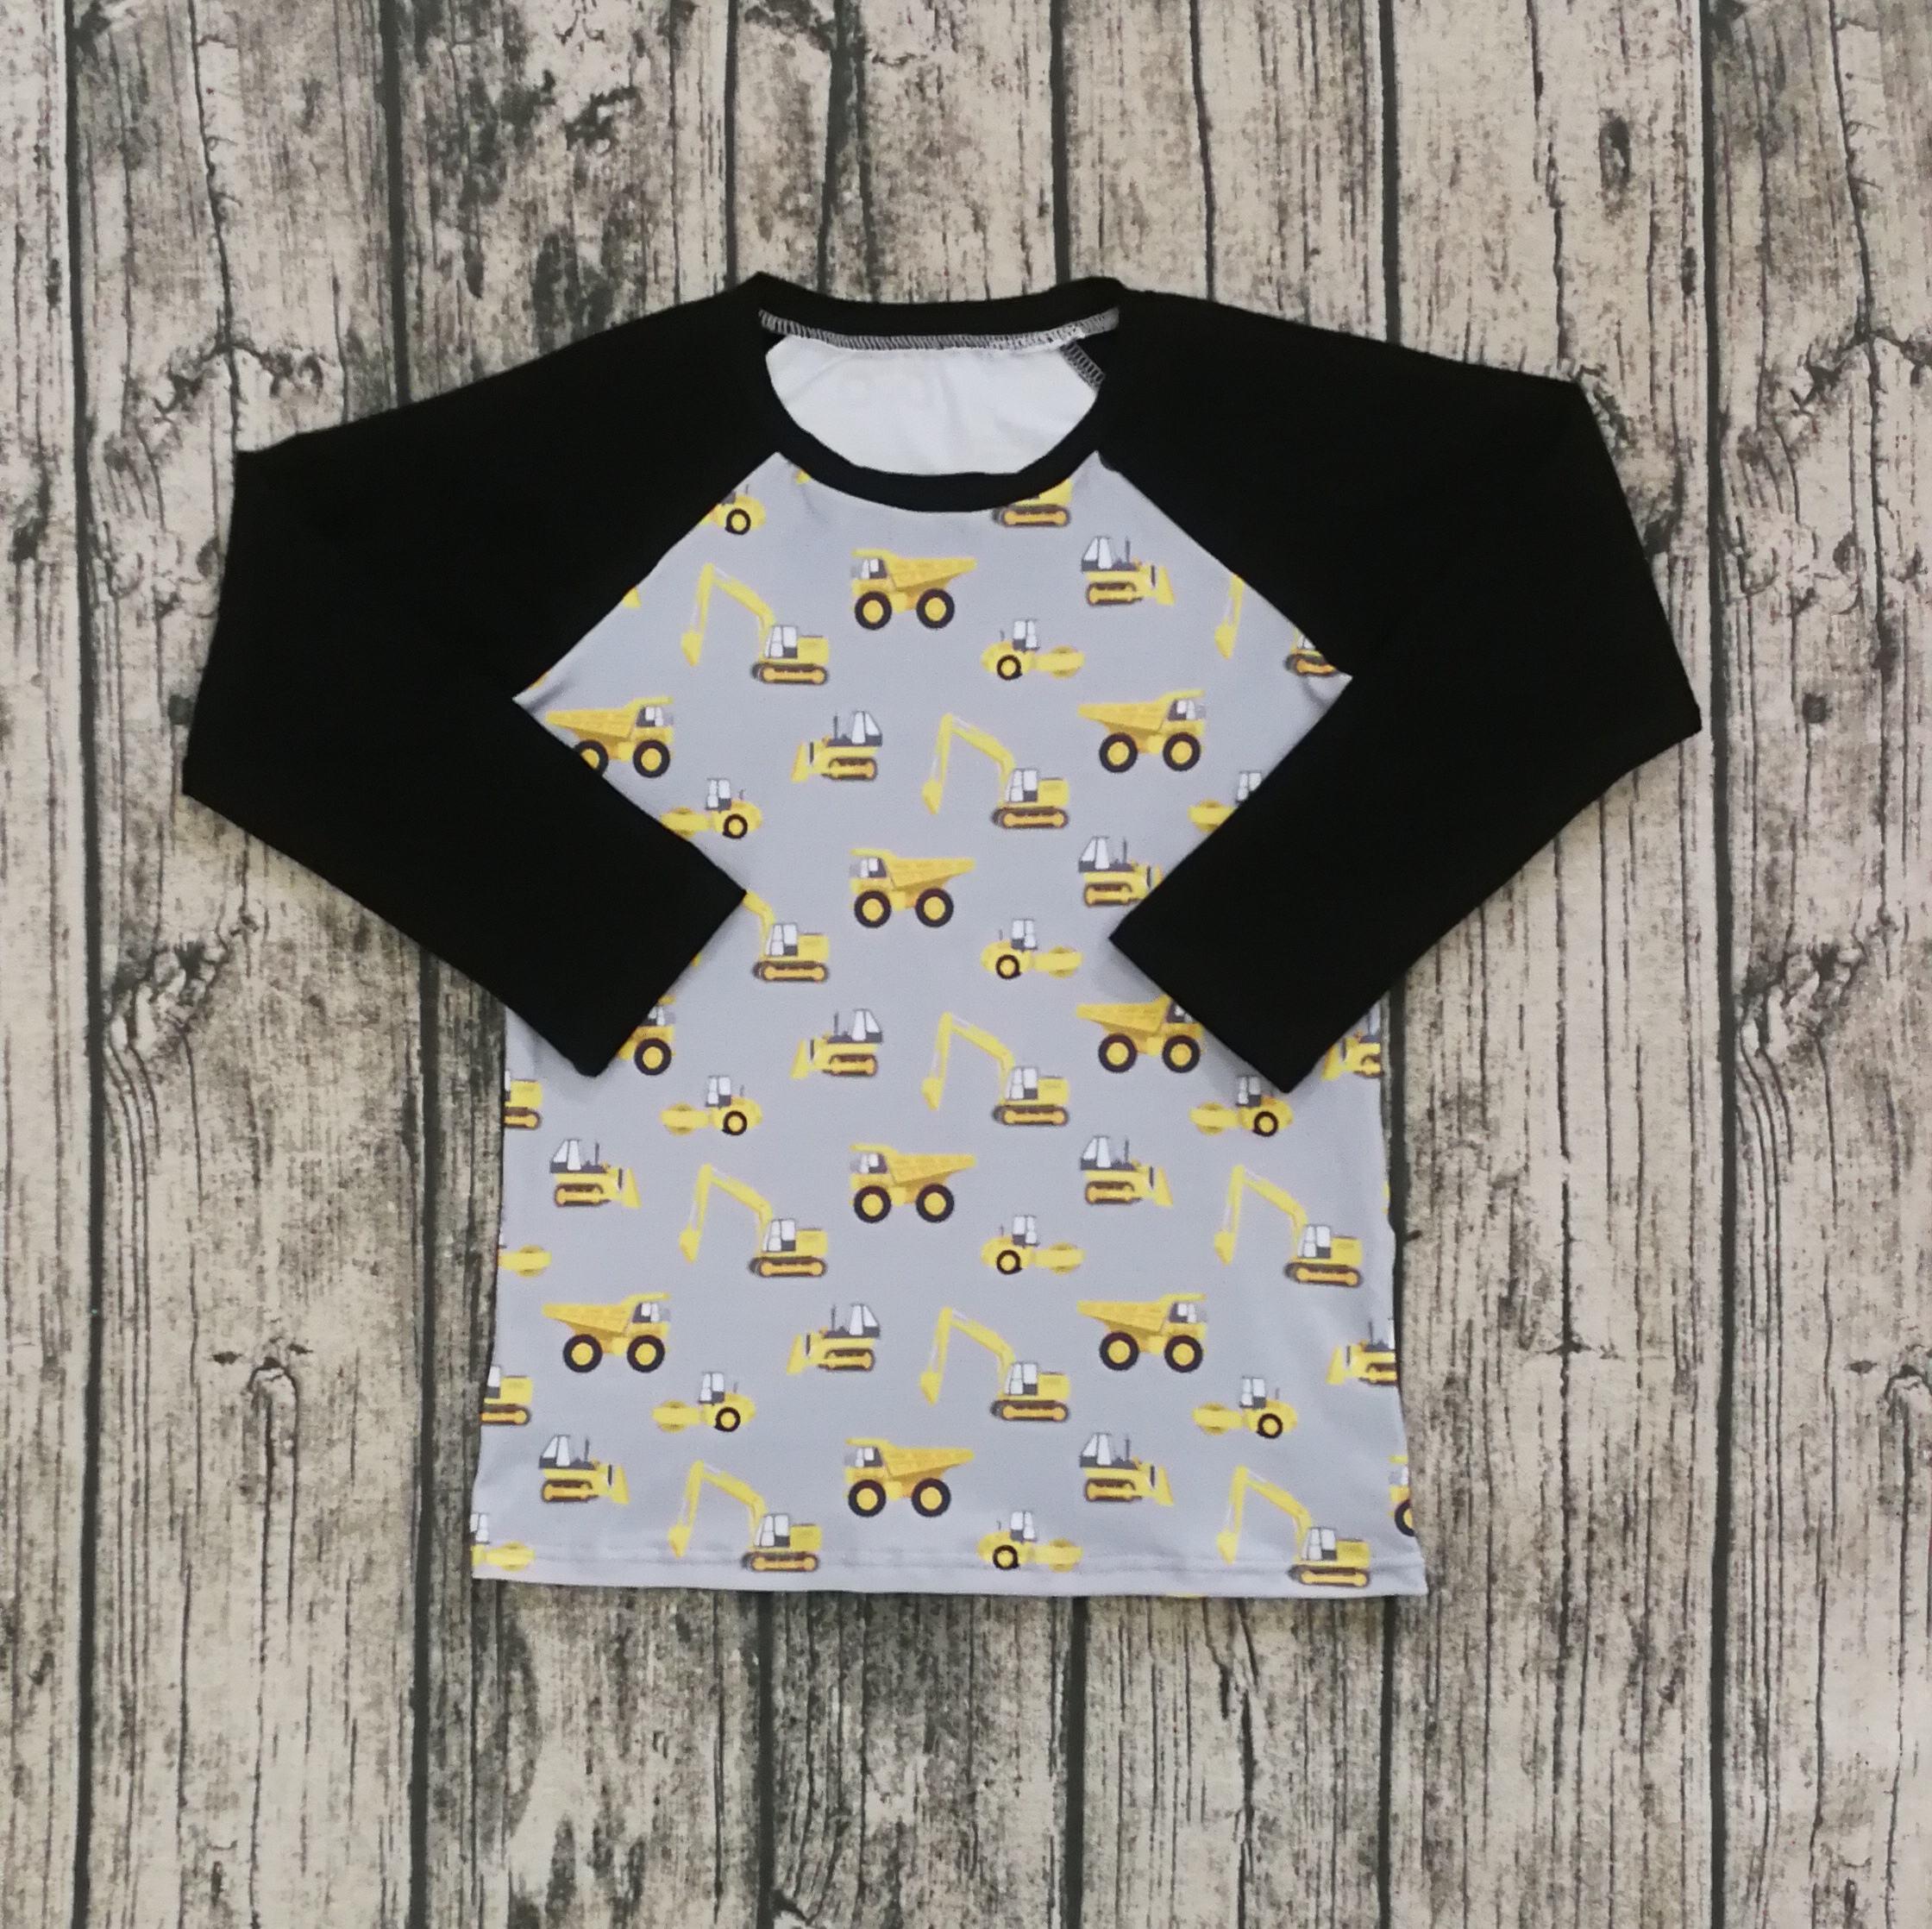 Детская одежда оптовая продажа детей Бутик Одежда с длинным рукавом печатных Желтый трактор реглан футболка для мальчиков